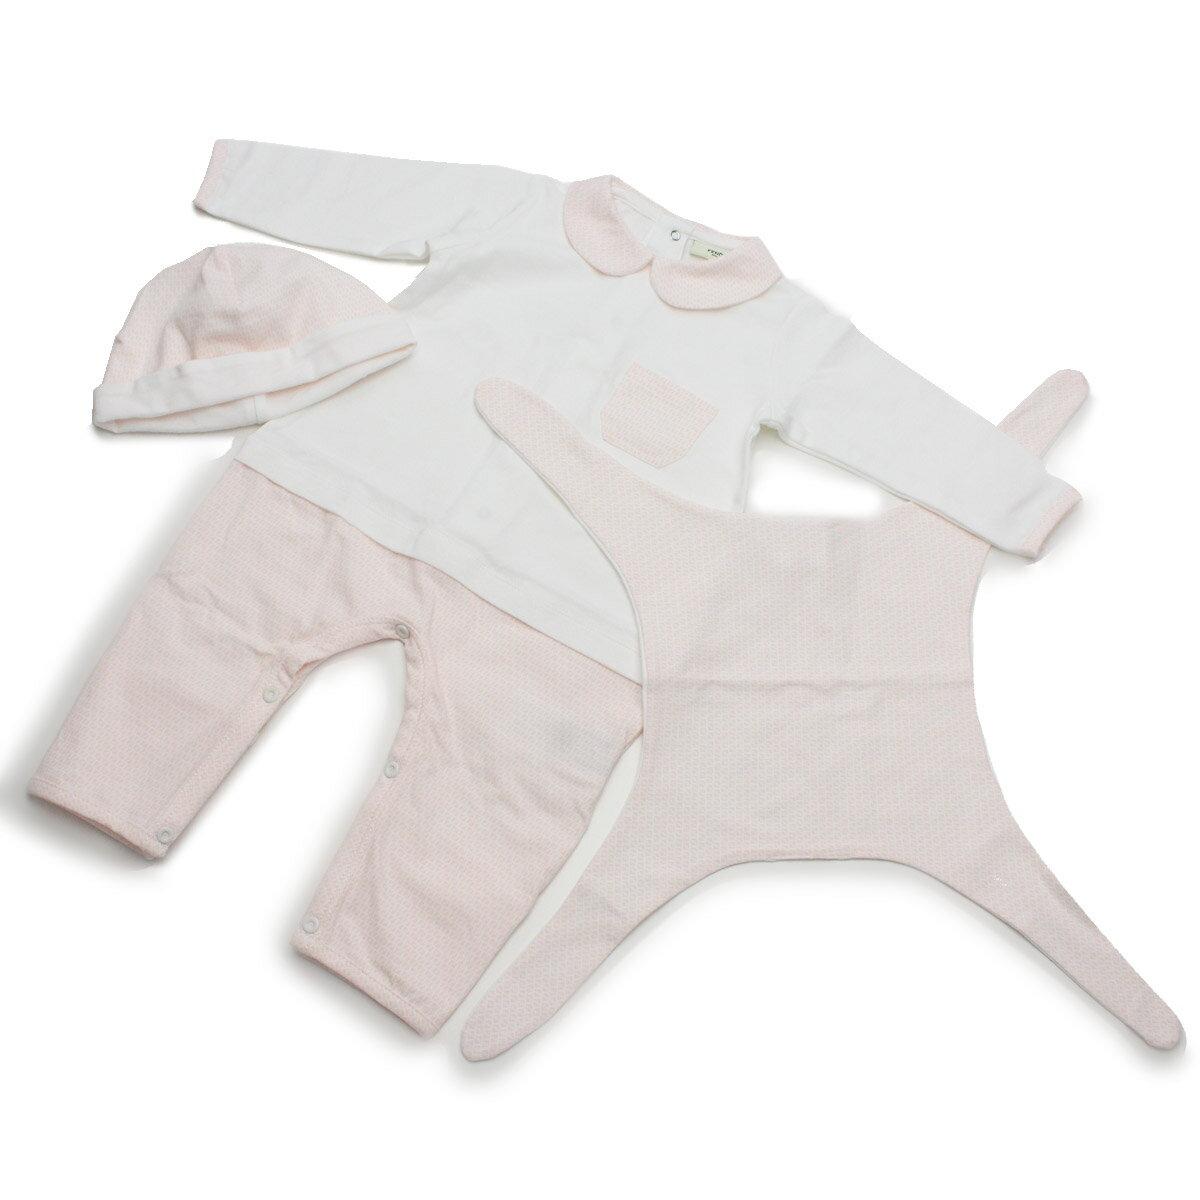 フェンディ FENDI ロンパース セット FSW232 NNW F0YT7 ホワイト系 ピンク系【キッズ・ベビー】【ベビー服 子供服 】【女の子】